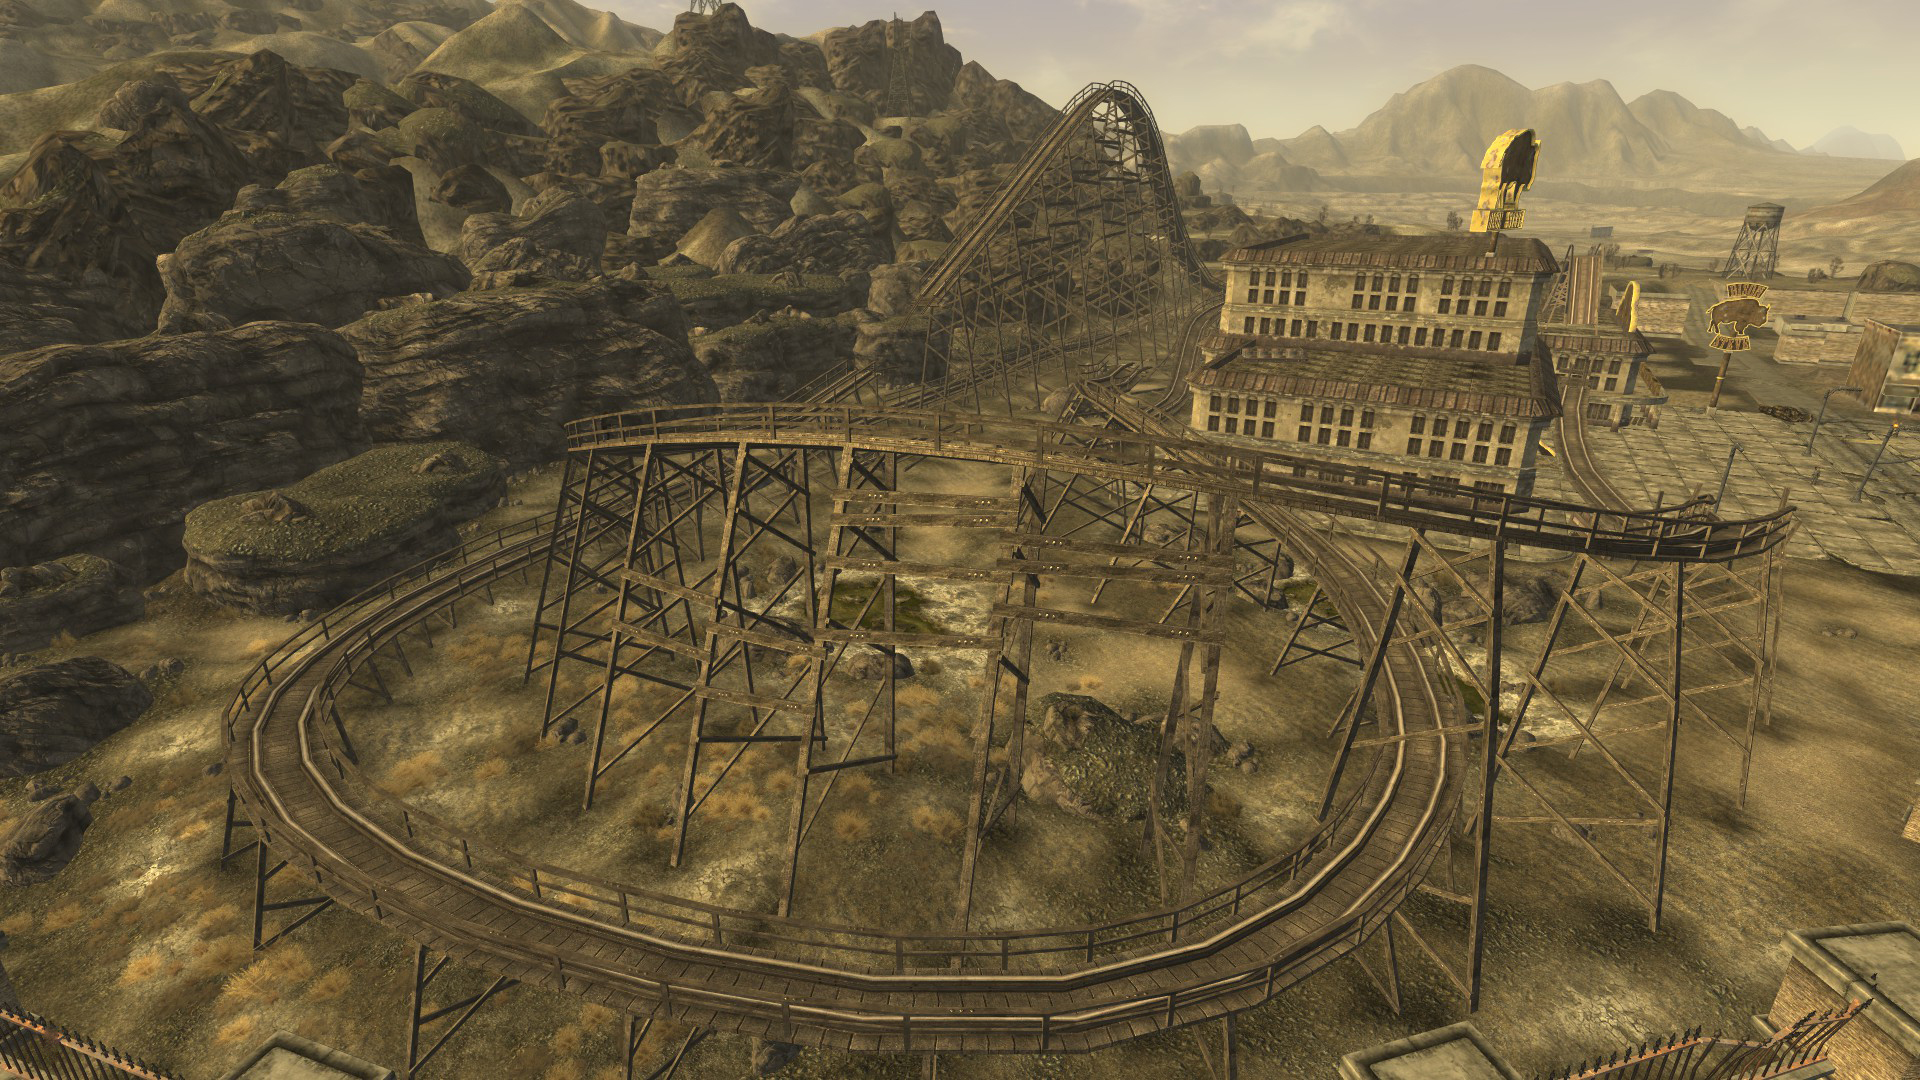 El Diablo rollercoaster